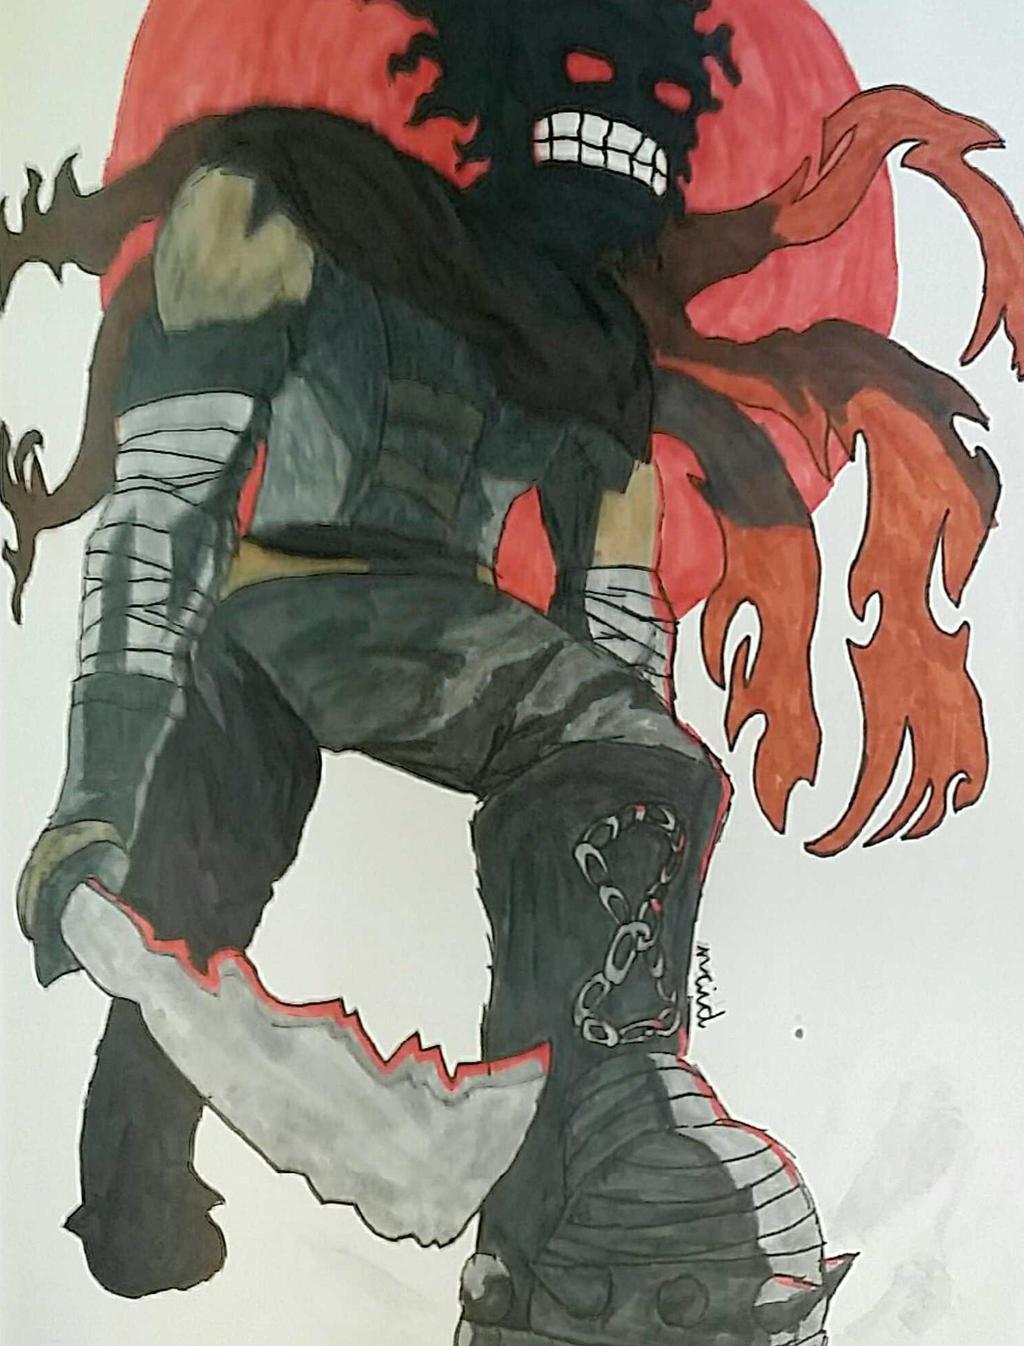 Hero Killer: Stain by Ncid